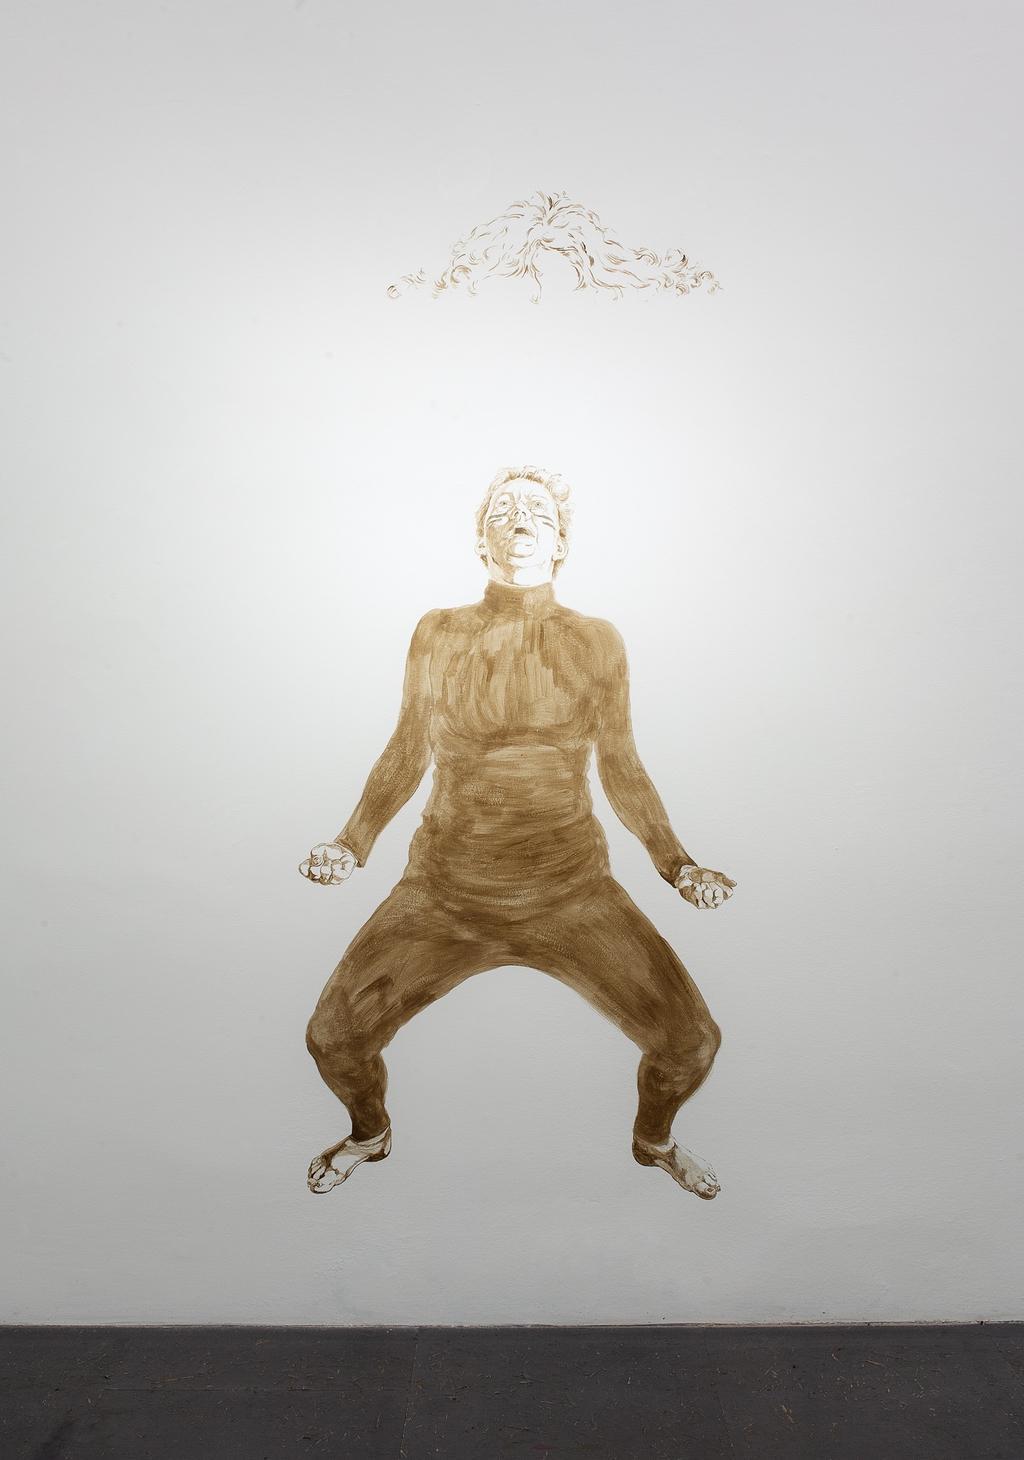 Středně velký plachý tvor - výstava Kateřiny Adamové v GHMP